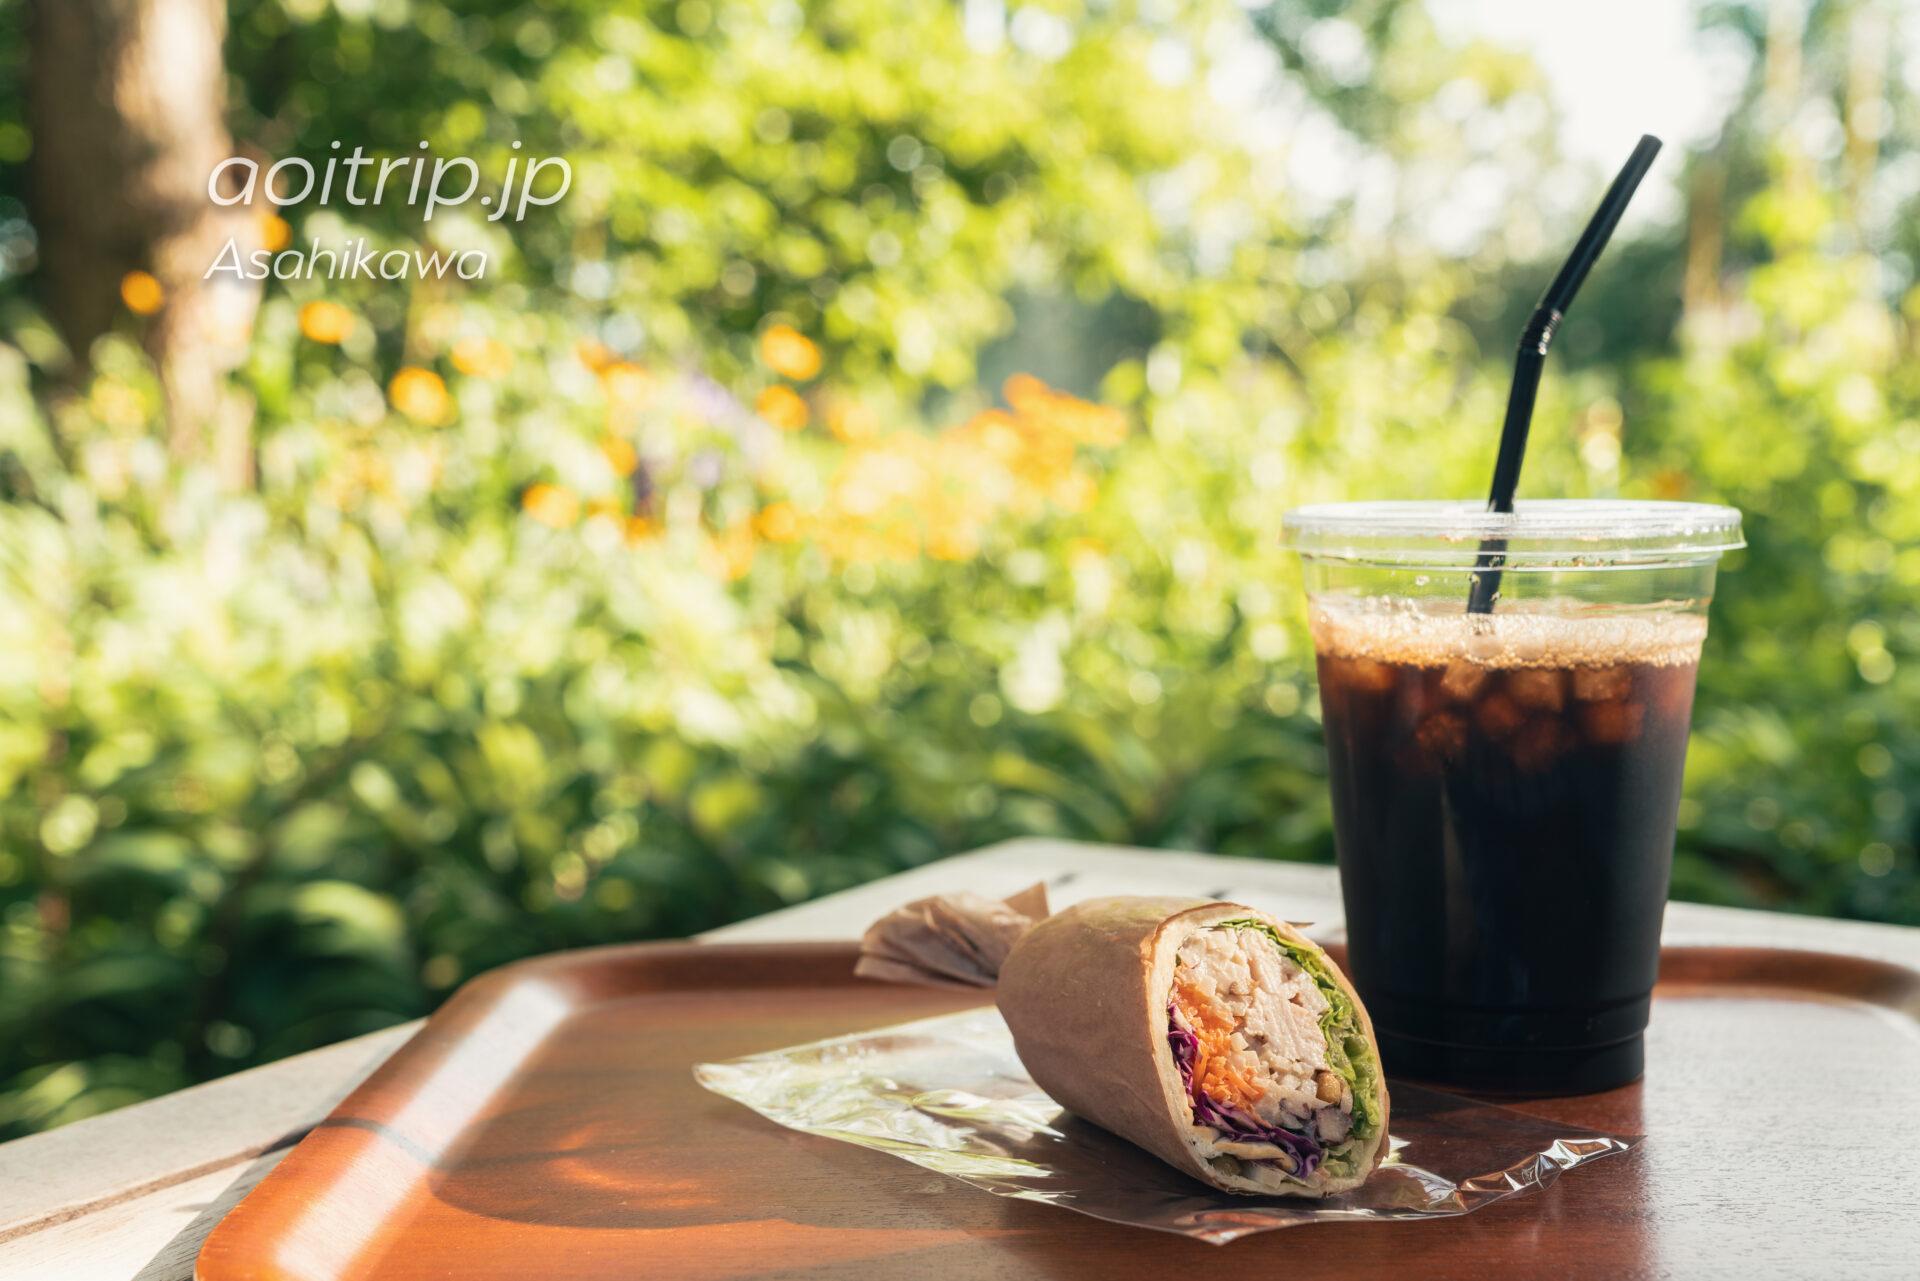 上野ファーム ナヤカフェの根菜と雑穀のチキンロール